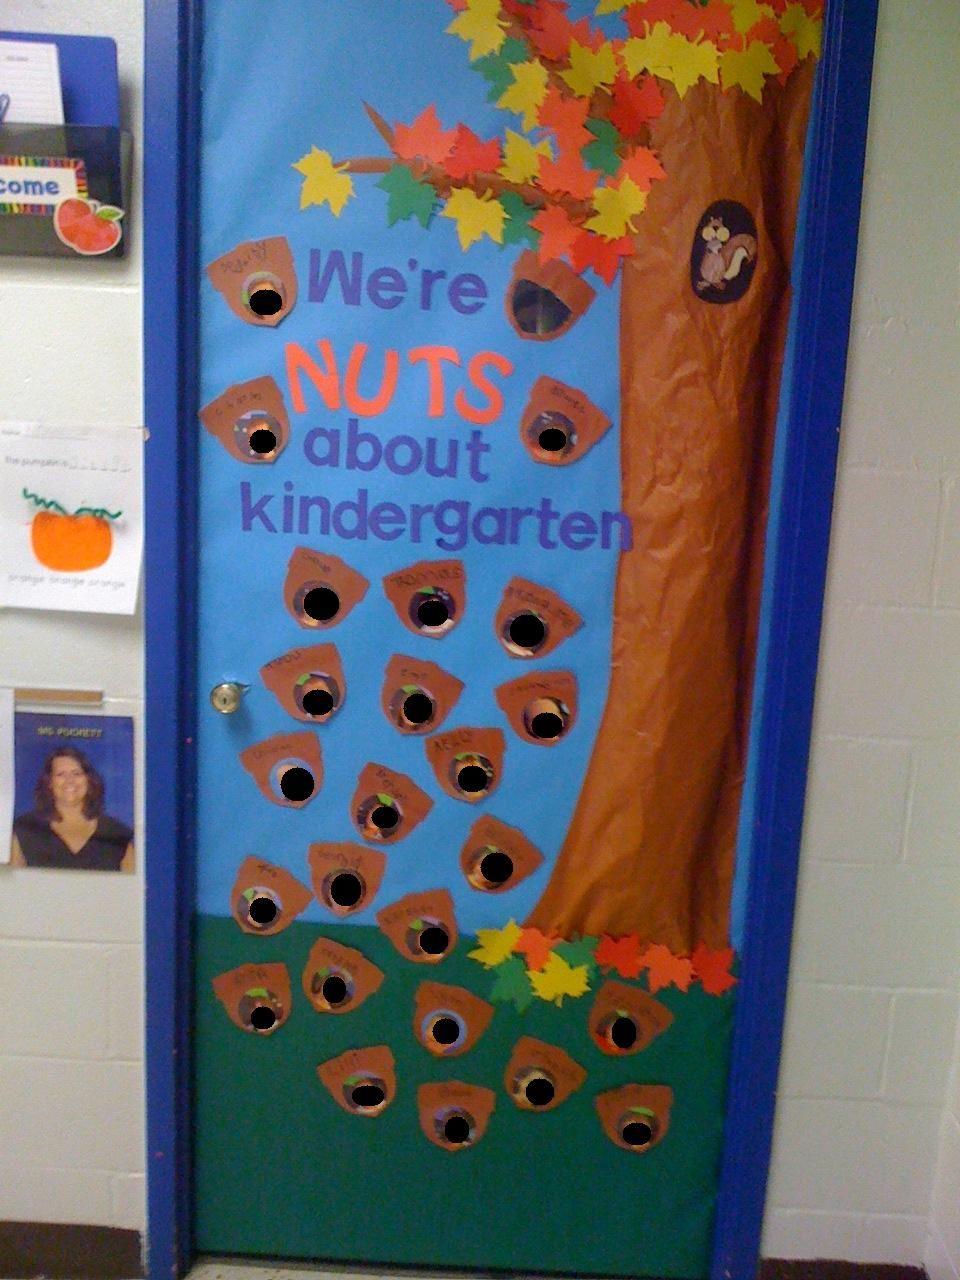 September Door! We're Nuts about Kindergarten! | Education ...